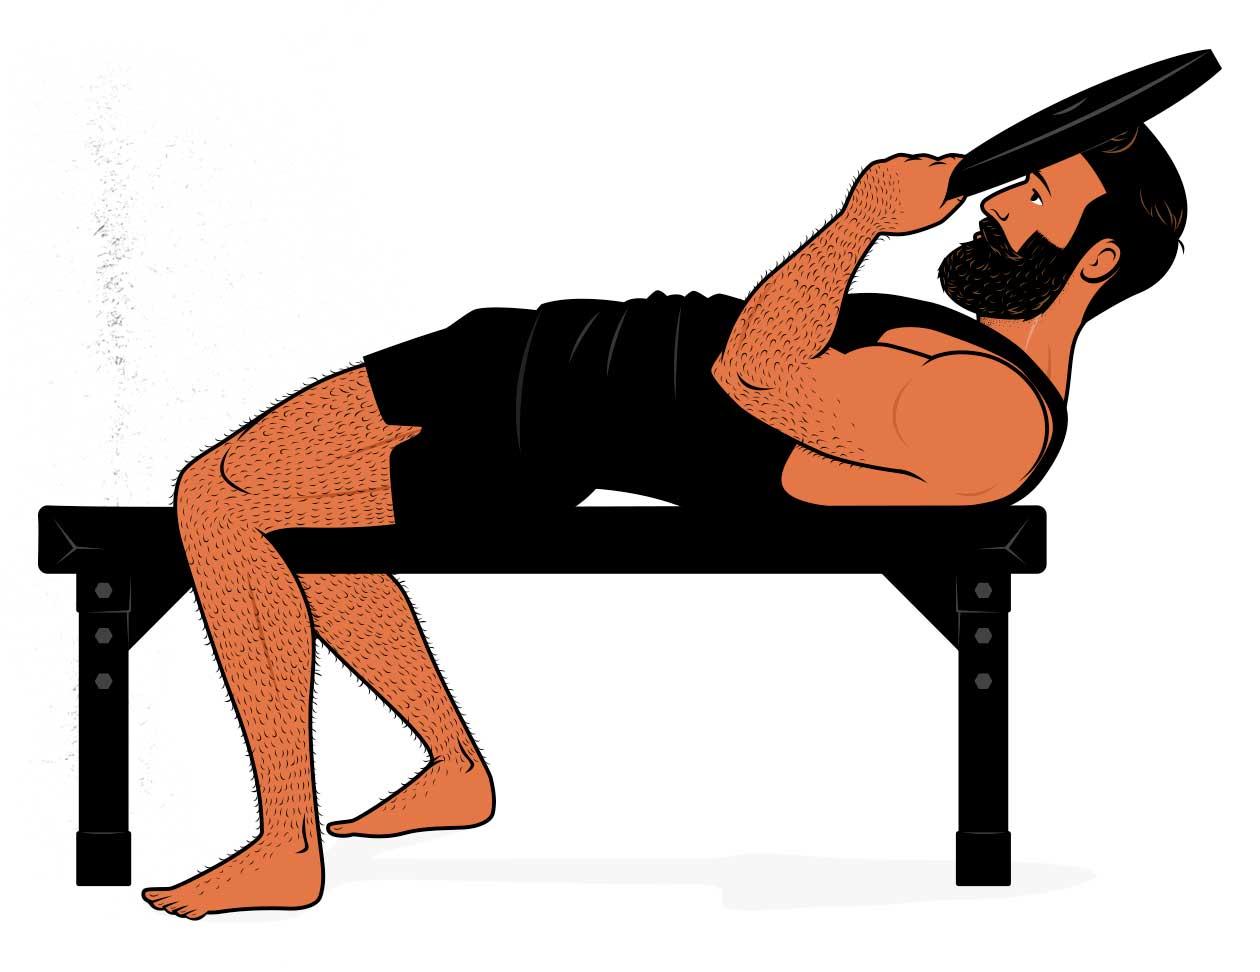 Ilustración de un hombre haciendo un curl de cuello para aumentar el tamaño de su cuello.